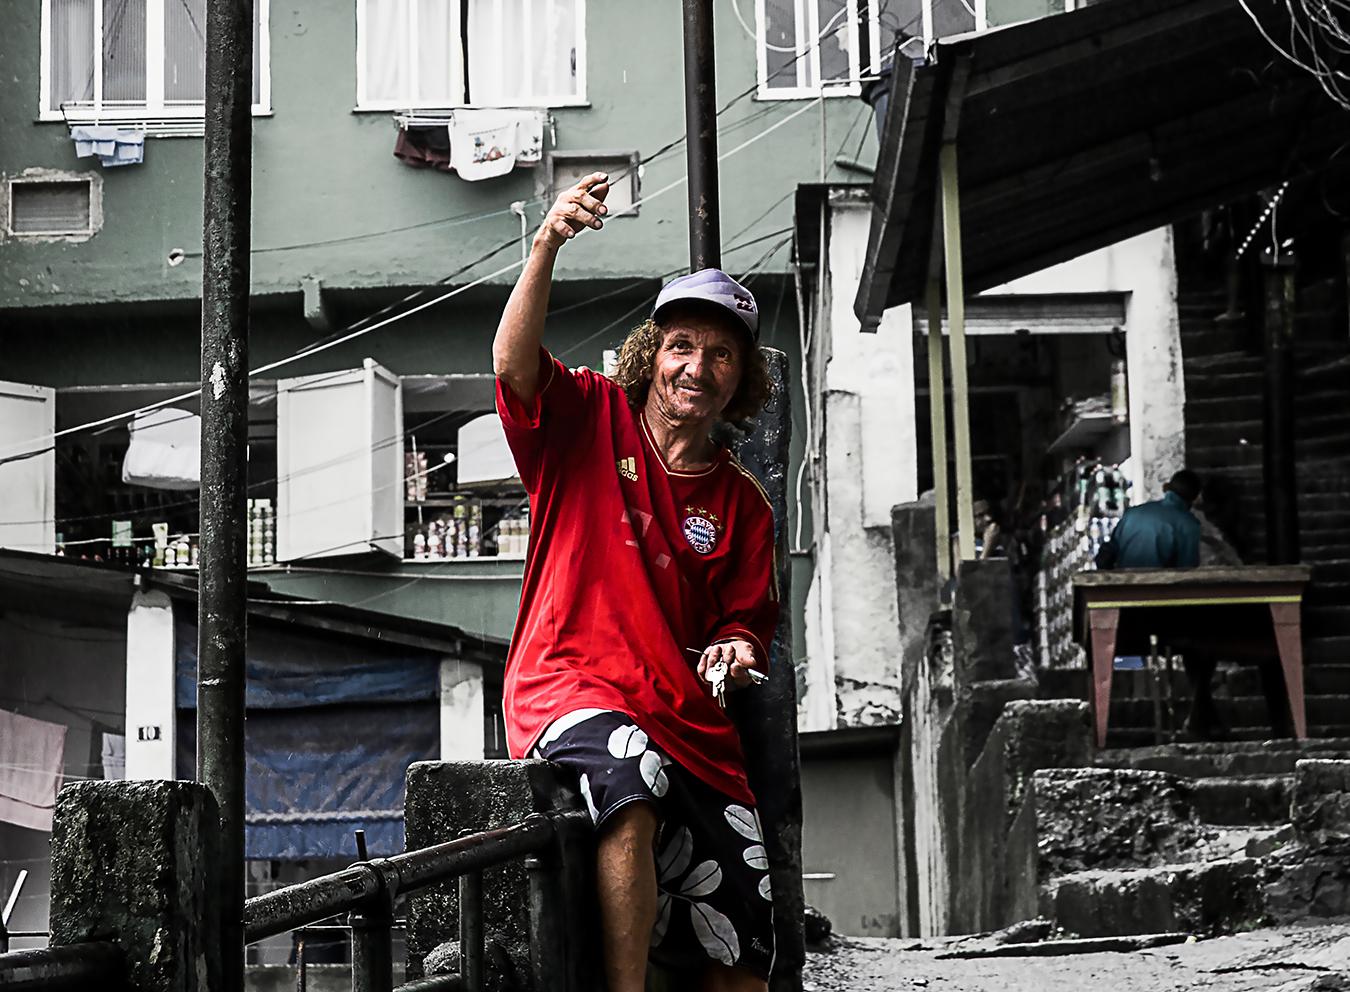 Rongrong Liu_Brazil_Rio De Janeiro_Farvela_The Happy Soul